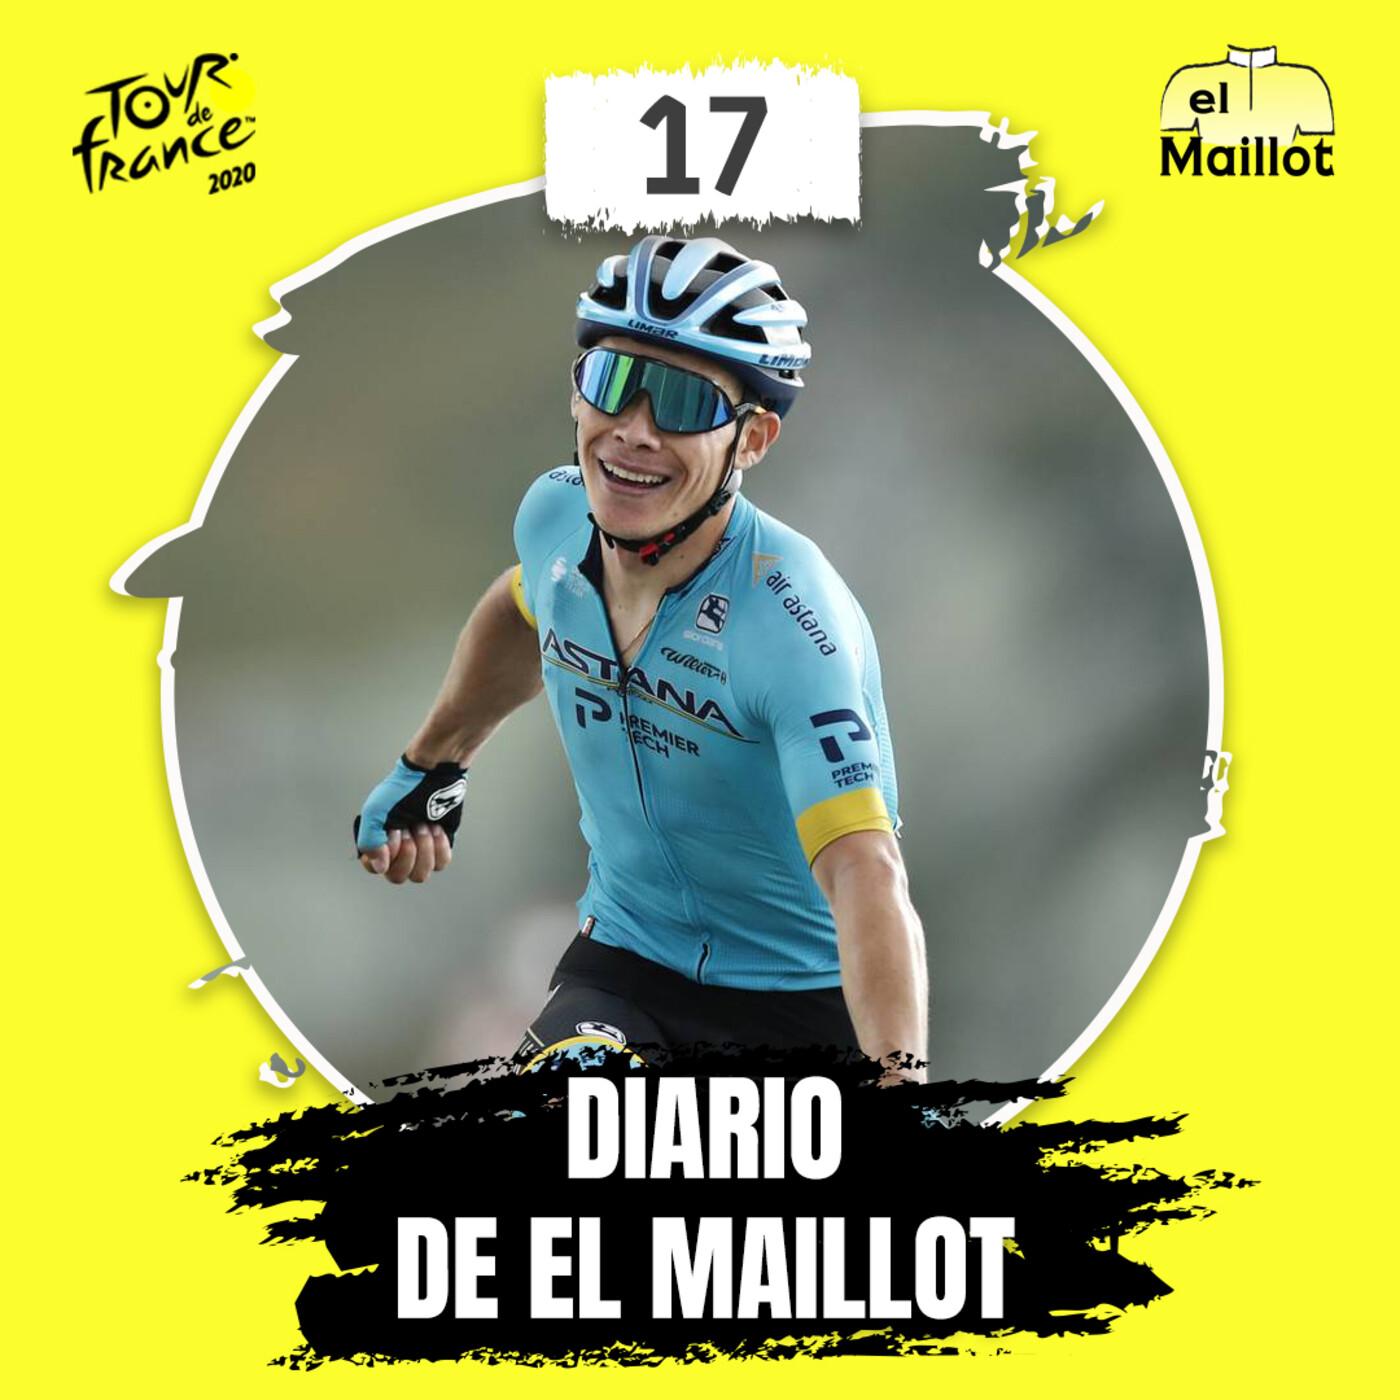 Diario El Maillot | Tour de Francia 2020: 17ª etapa